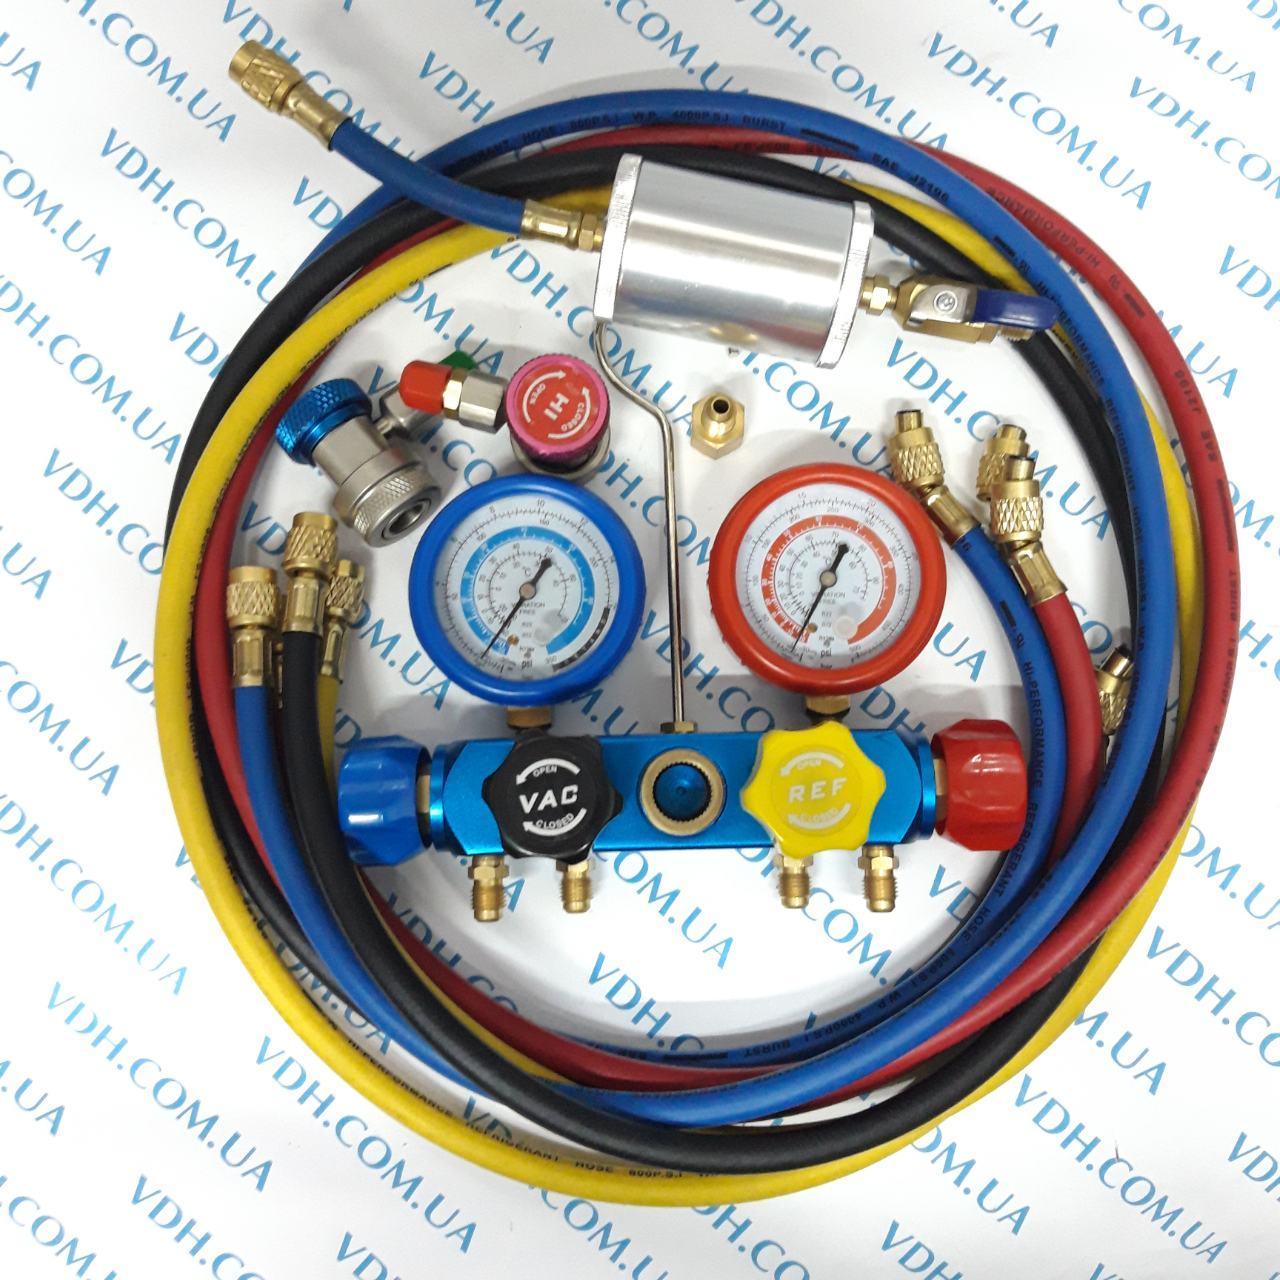 Манометрический коллектор 4х вентильный в наборе ( 4шланга, 2 автомуфты,краны 339 и 338, масл. инжектор) - фото 3